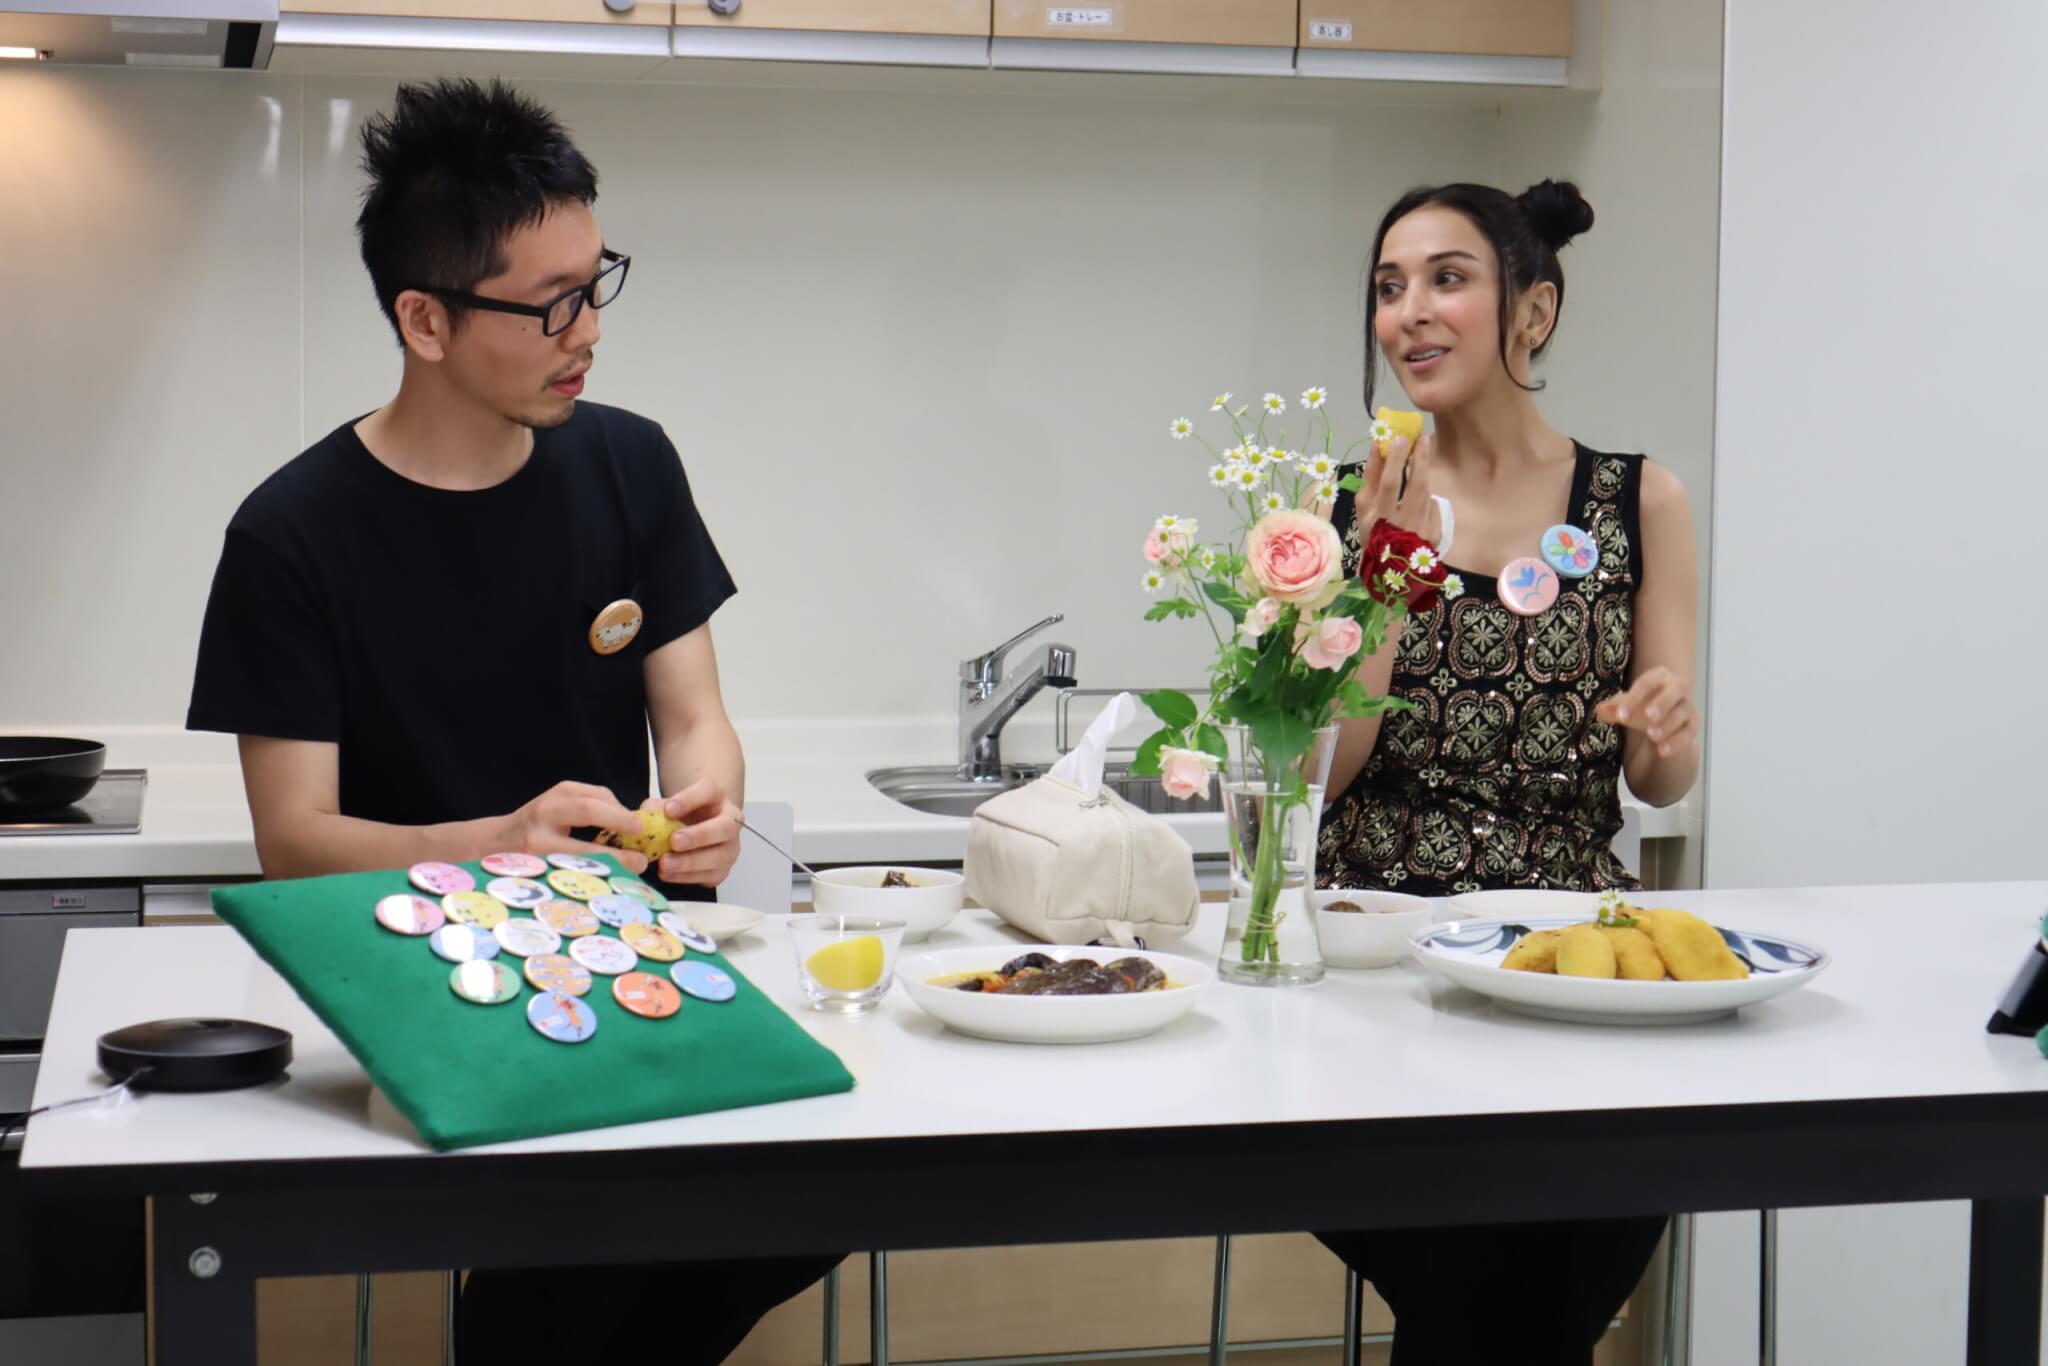 オンライン学習会 ~キッチンで学ぶ・こころのレシピ~ #未来へつなげ2030 を開催しました。